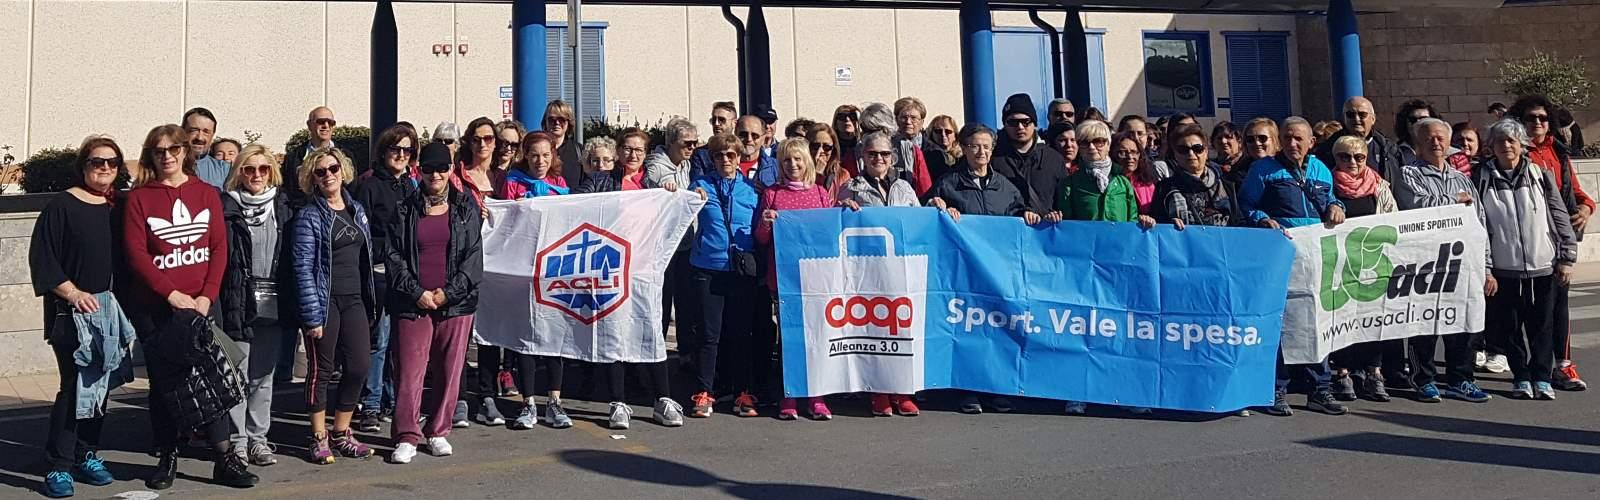 Boom di partecipanti per la camminata organizzata in occasione dellaGiornata internazionale della donna